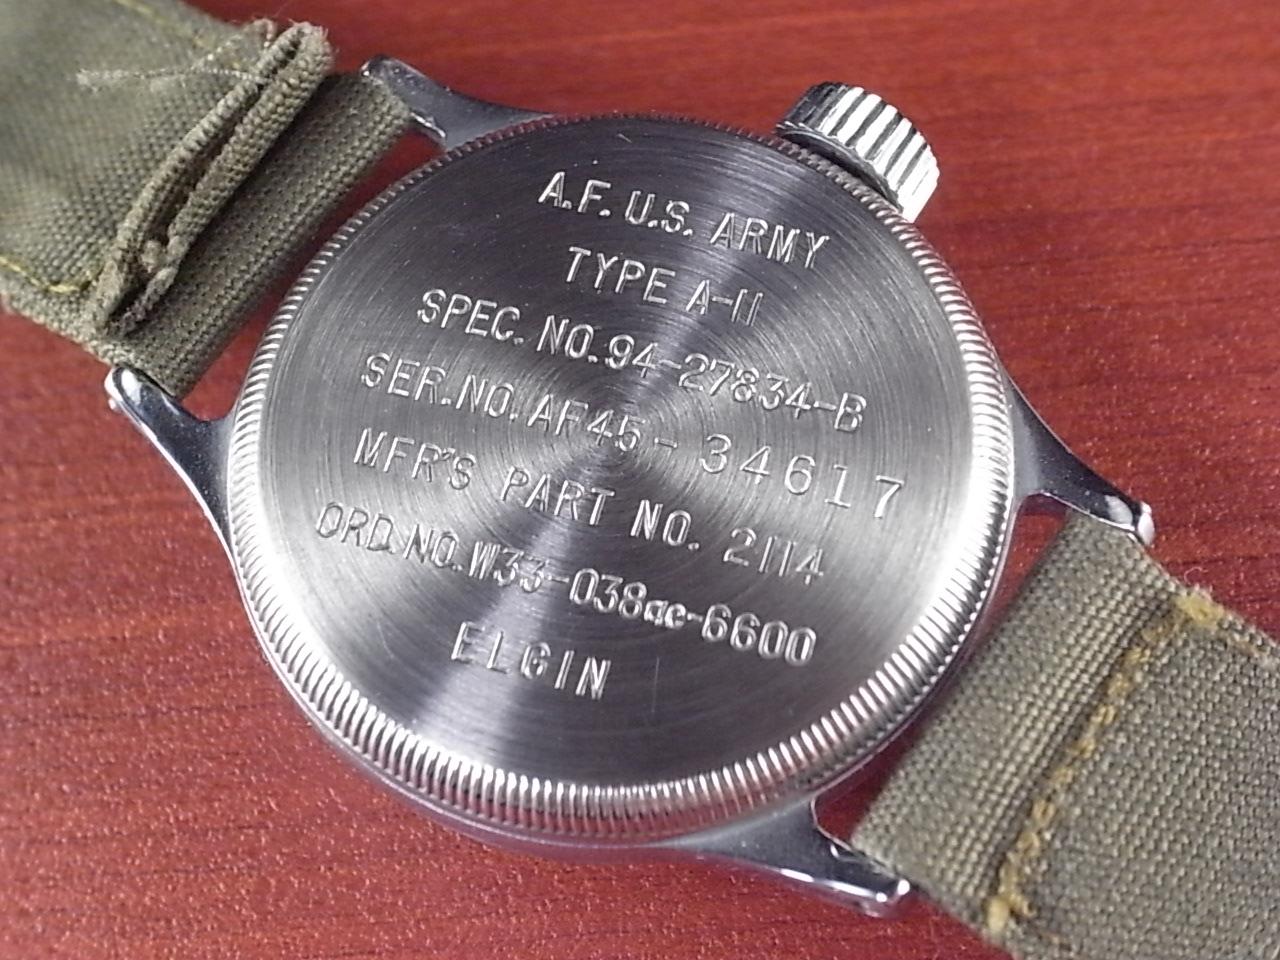 エルジン ミリタリー タイプA-11 アメリカ陸軍航空隊 24H時計 1940年代の写真4枚目